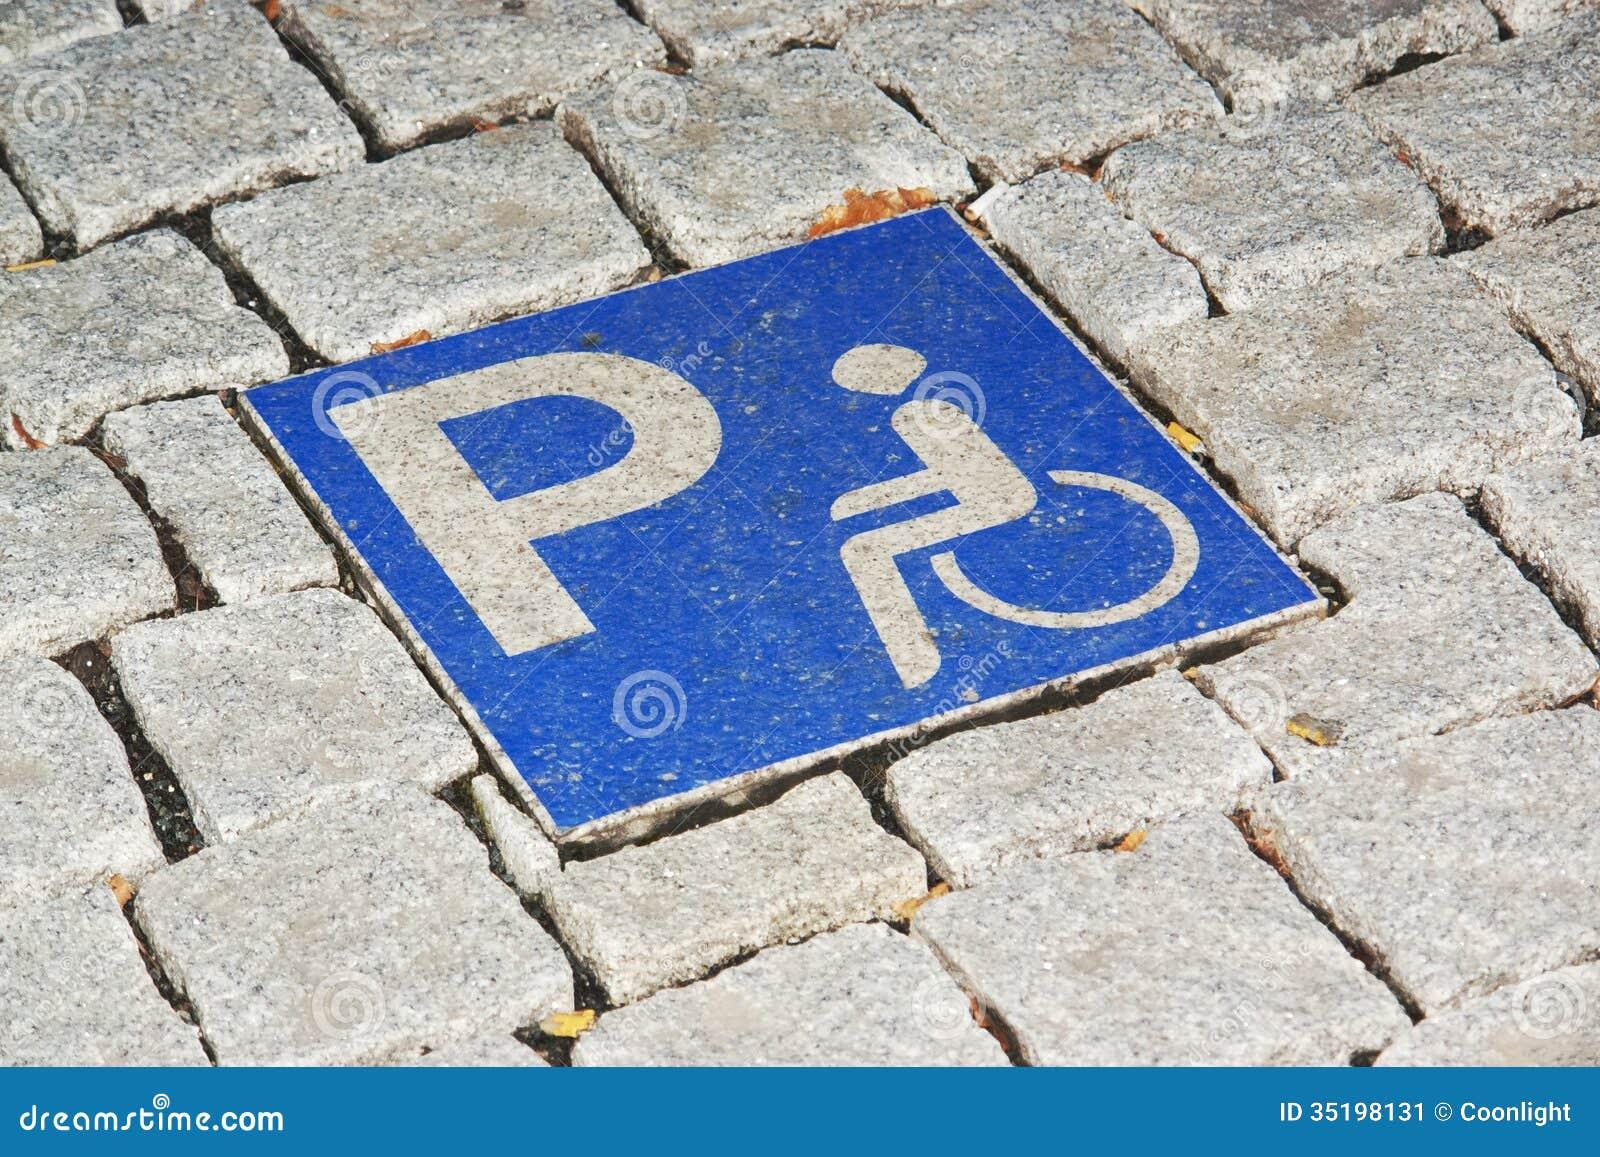 Estacionamiento discapacitado